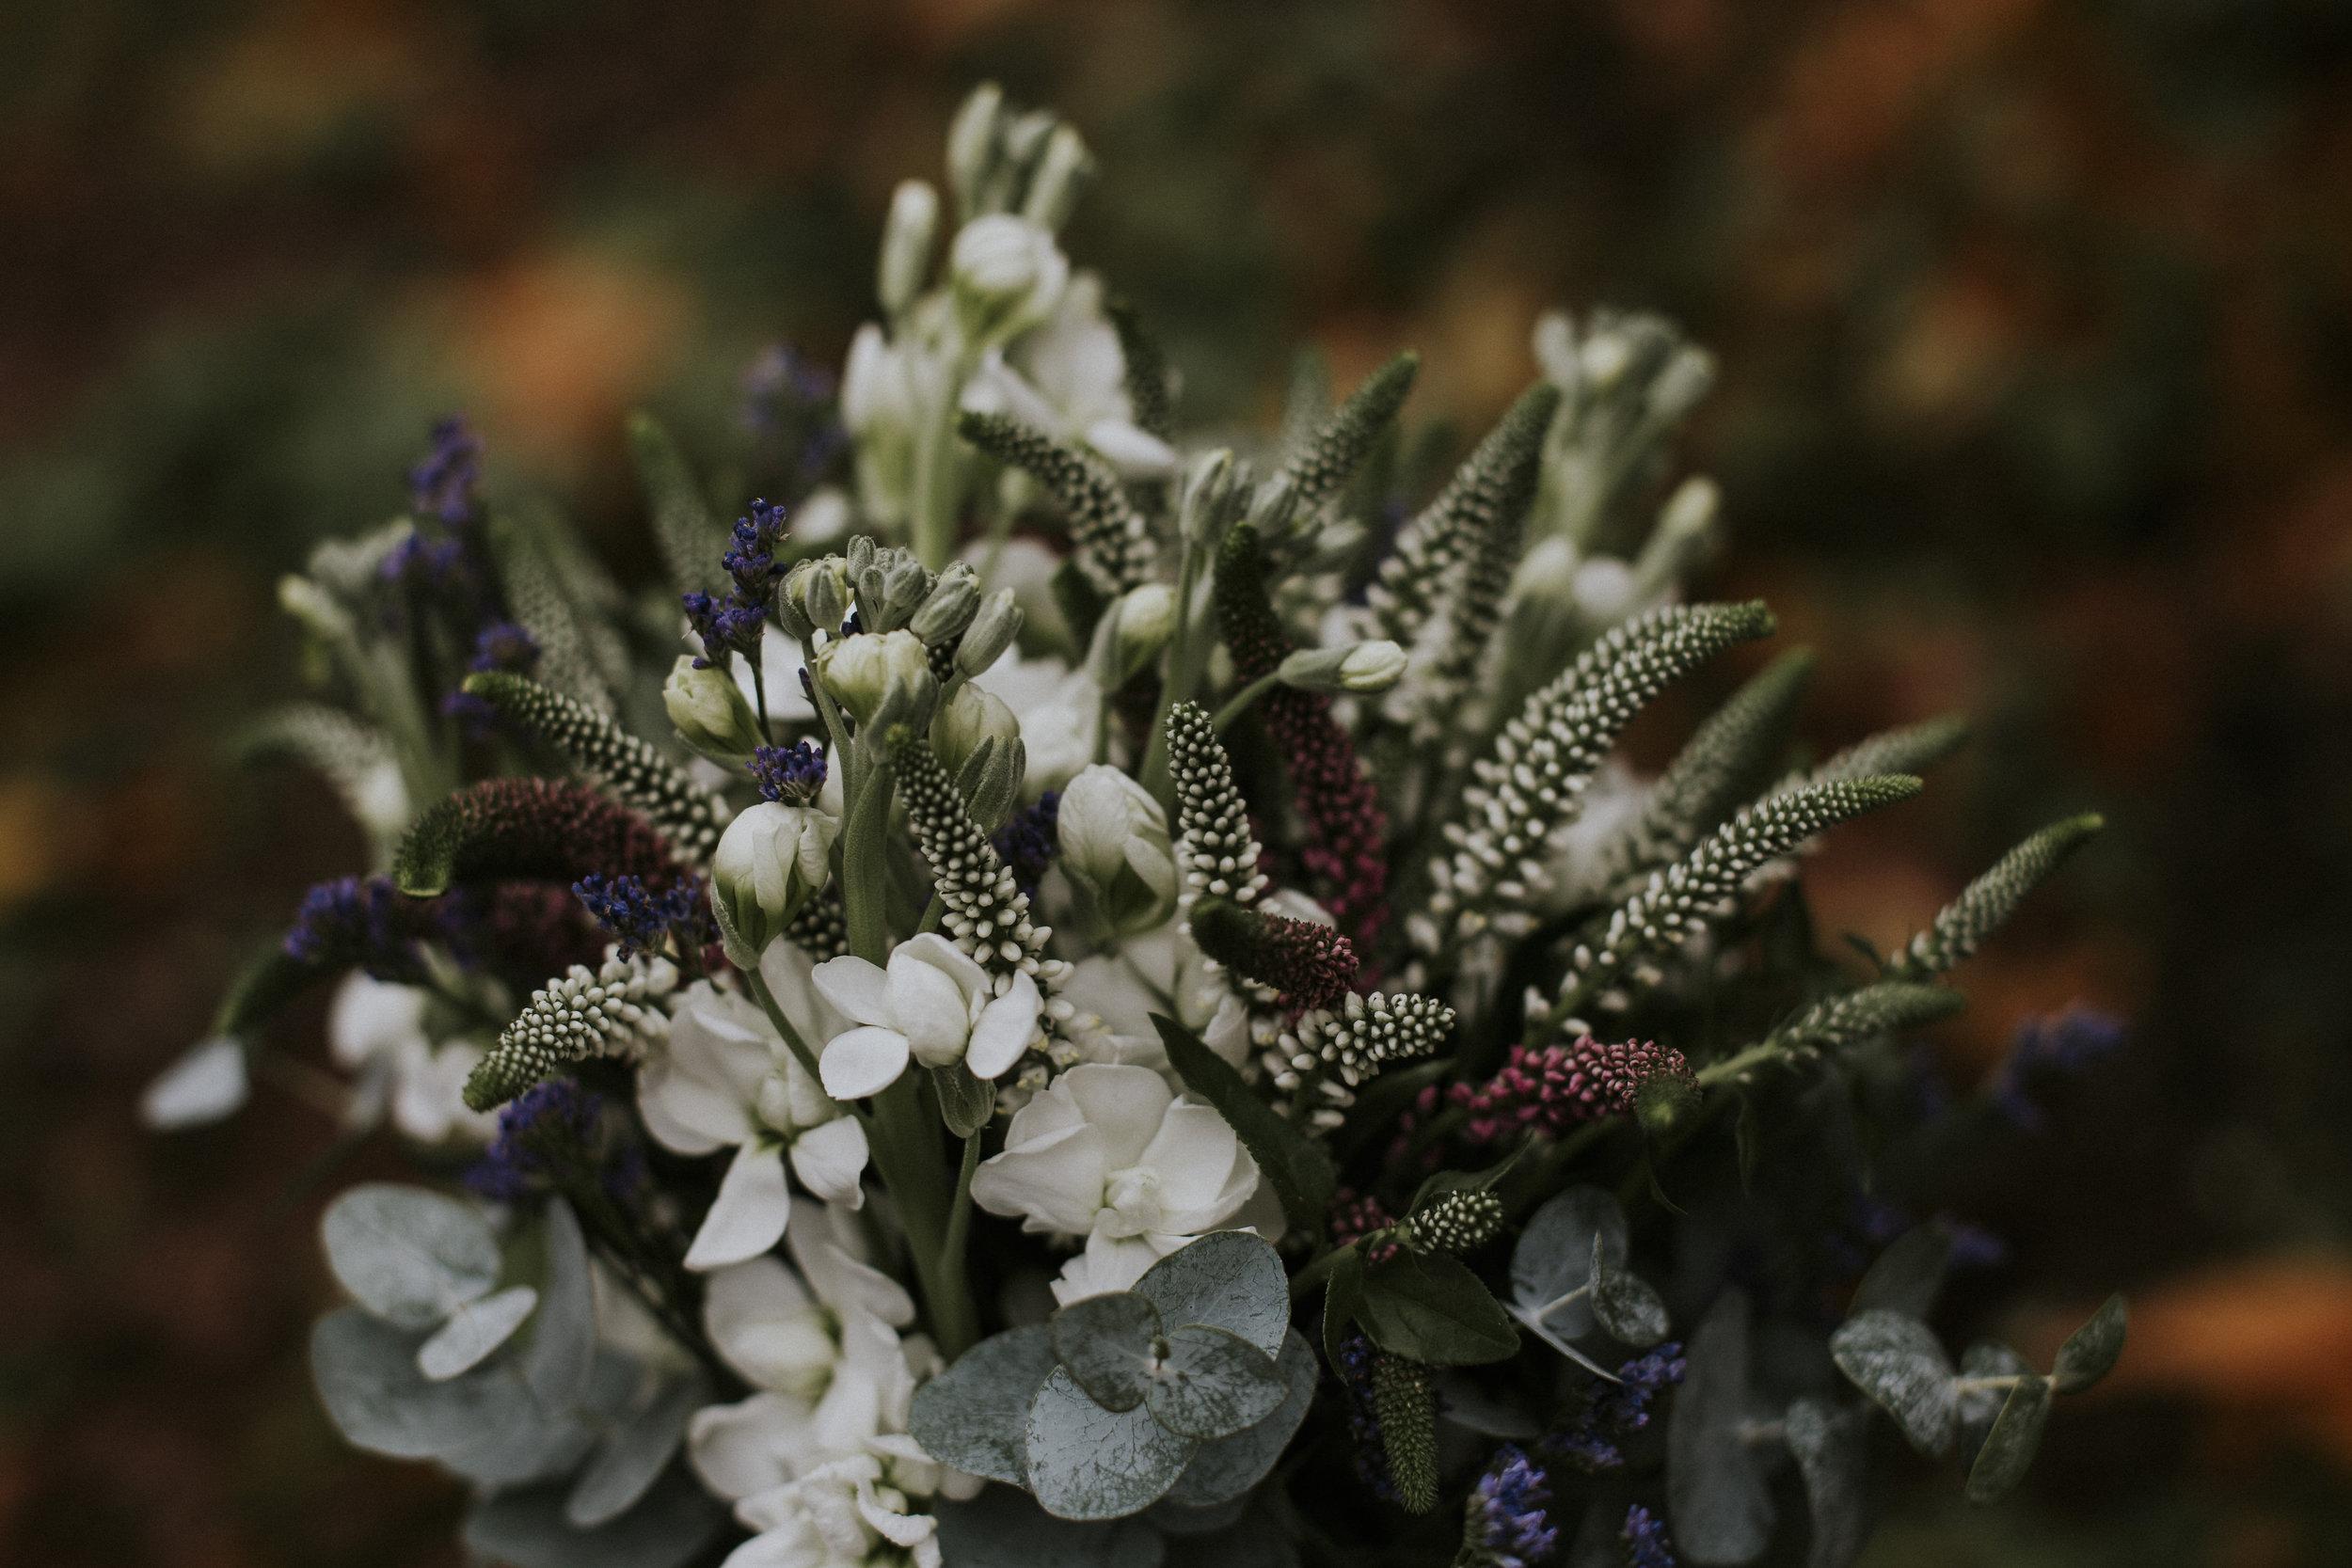 017_brides_bouquet.jpg